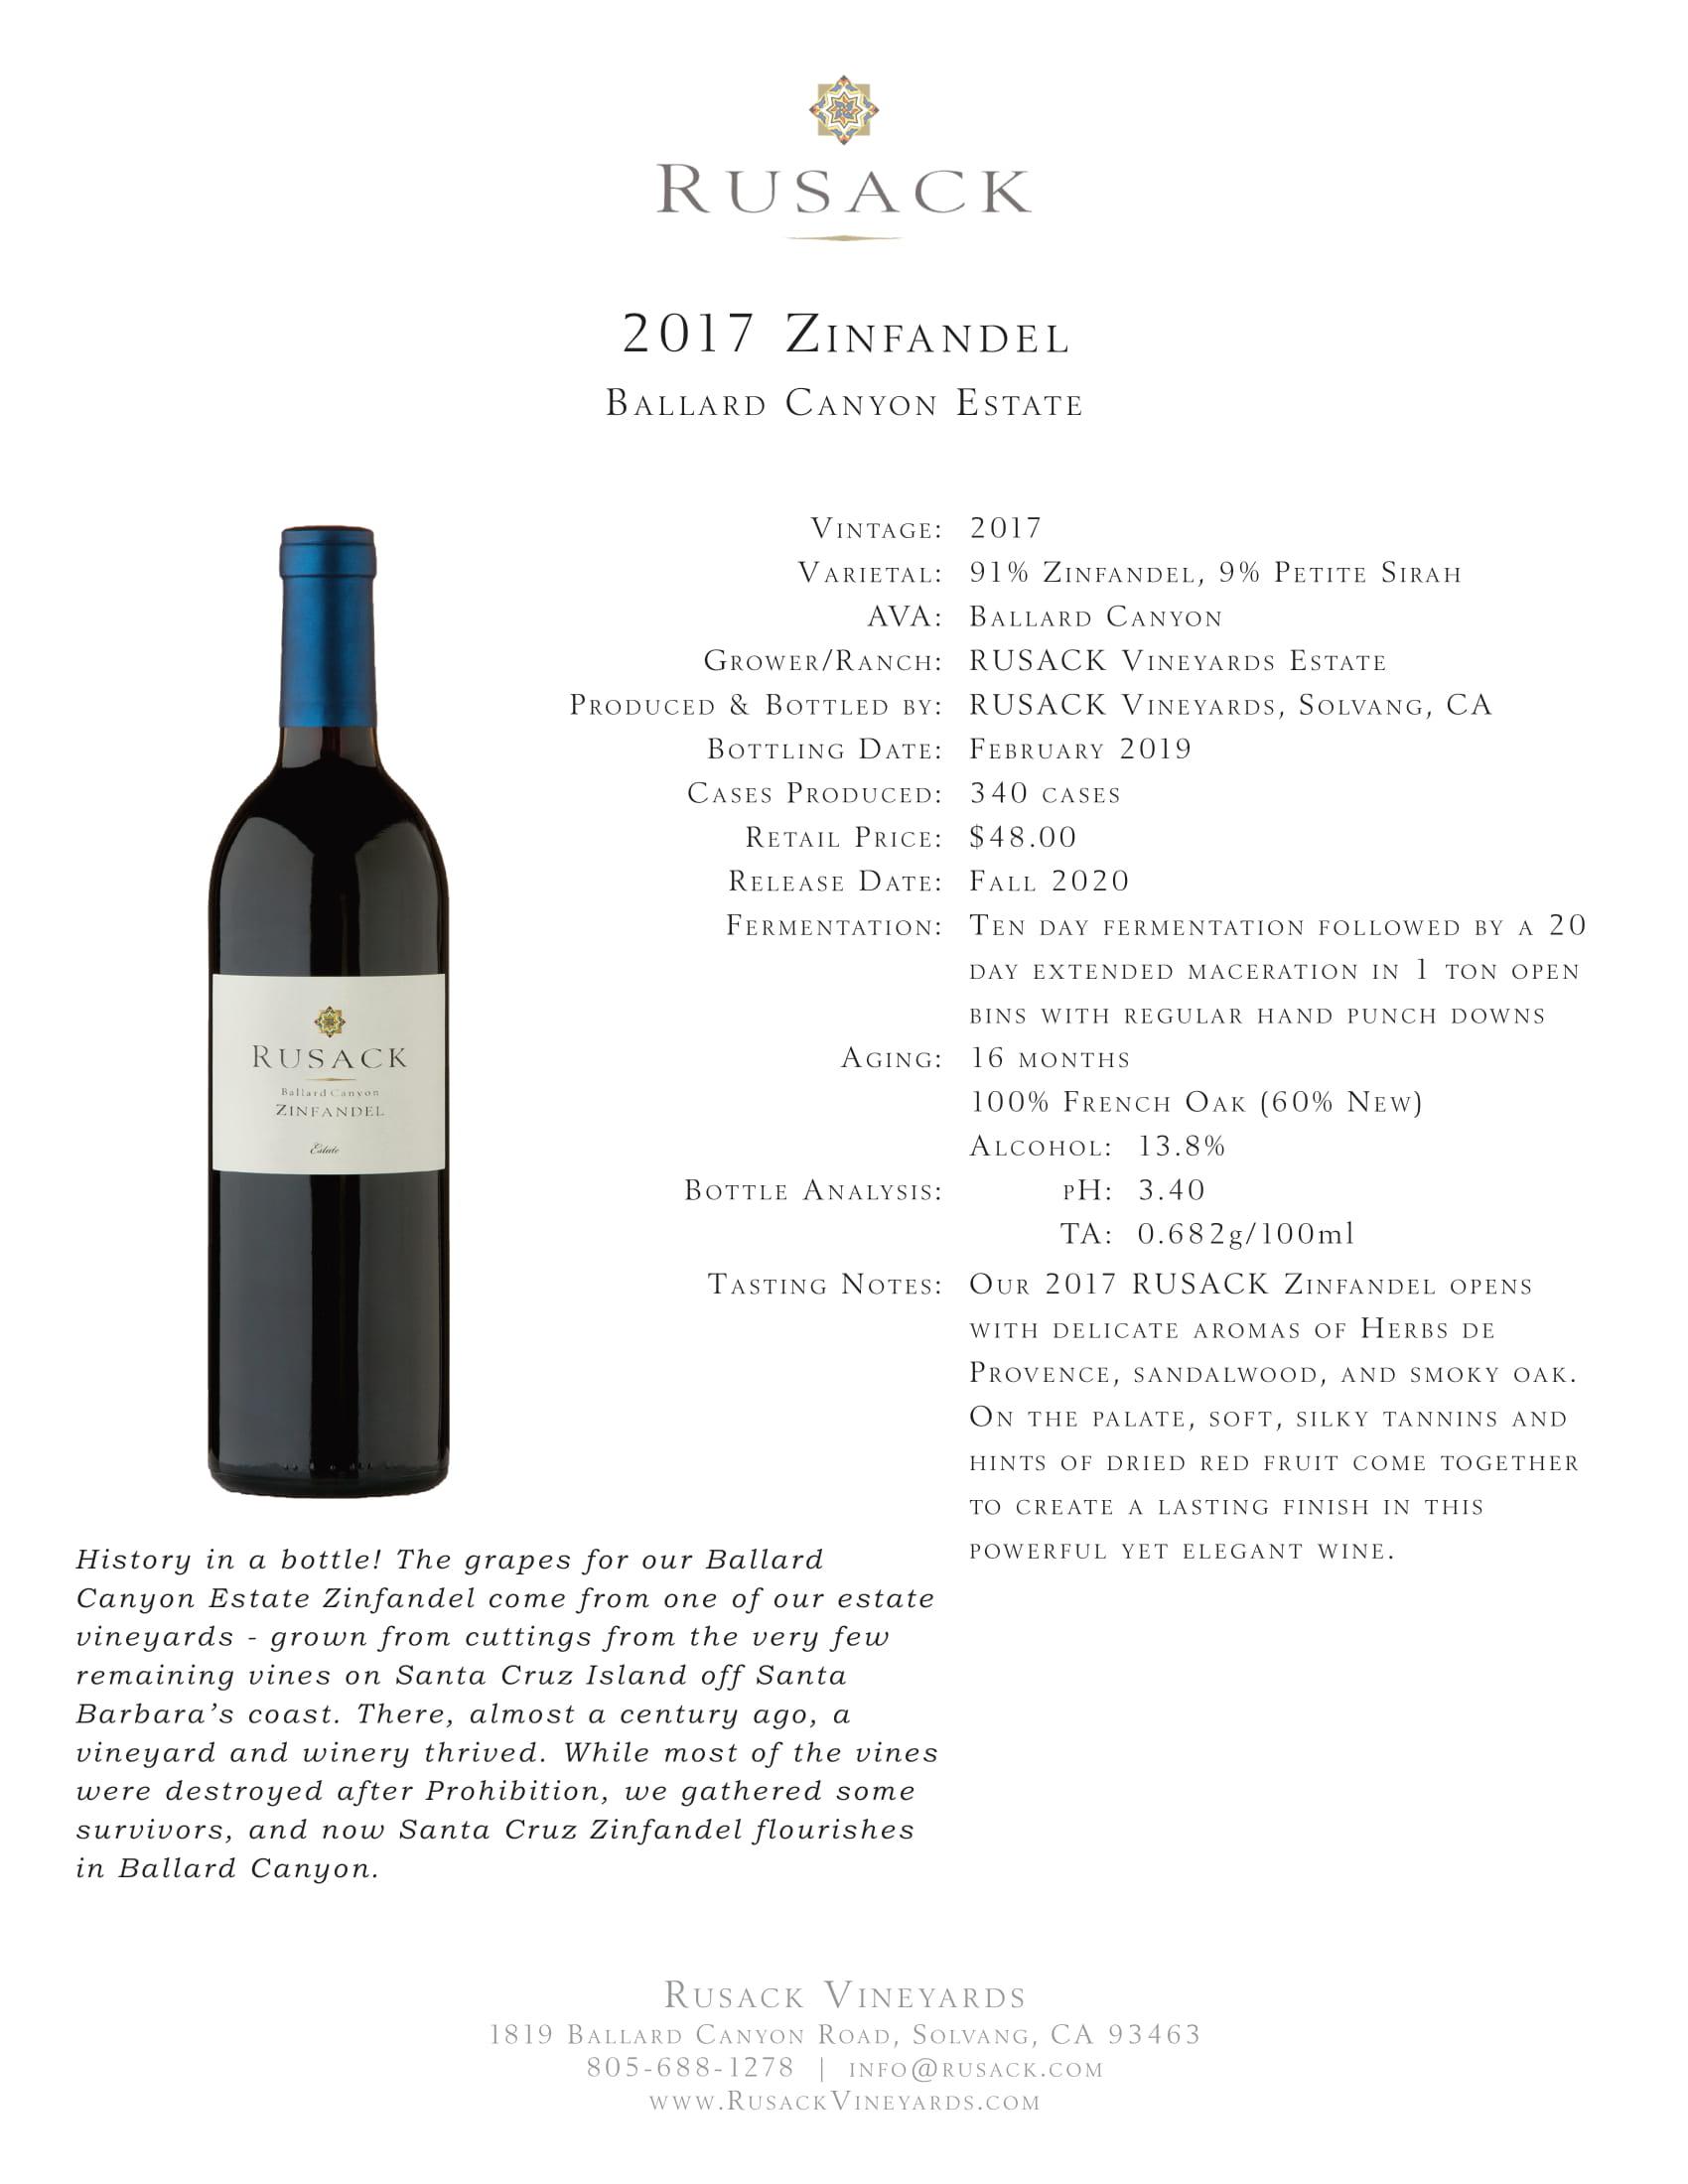 Rusack Vineyards Zinfandel Ballard Canyon Estate Sell Sheet